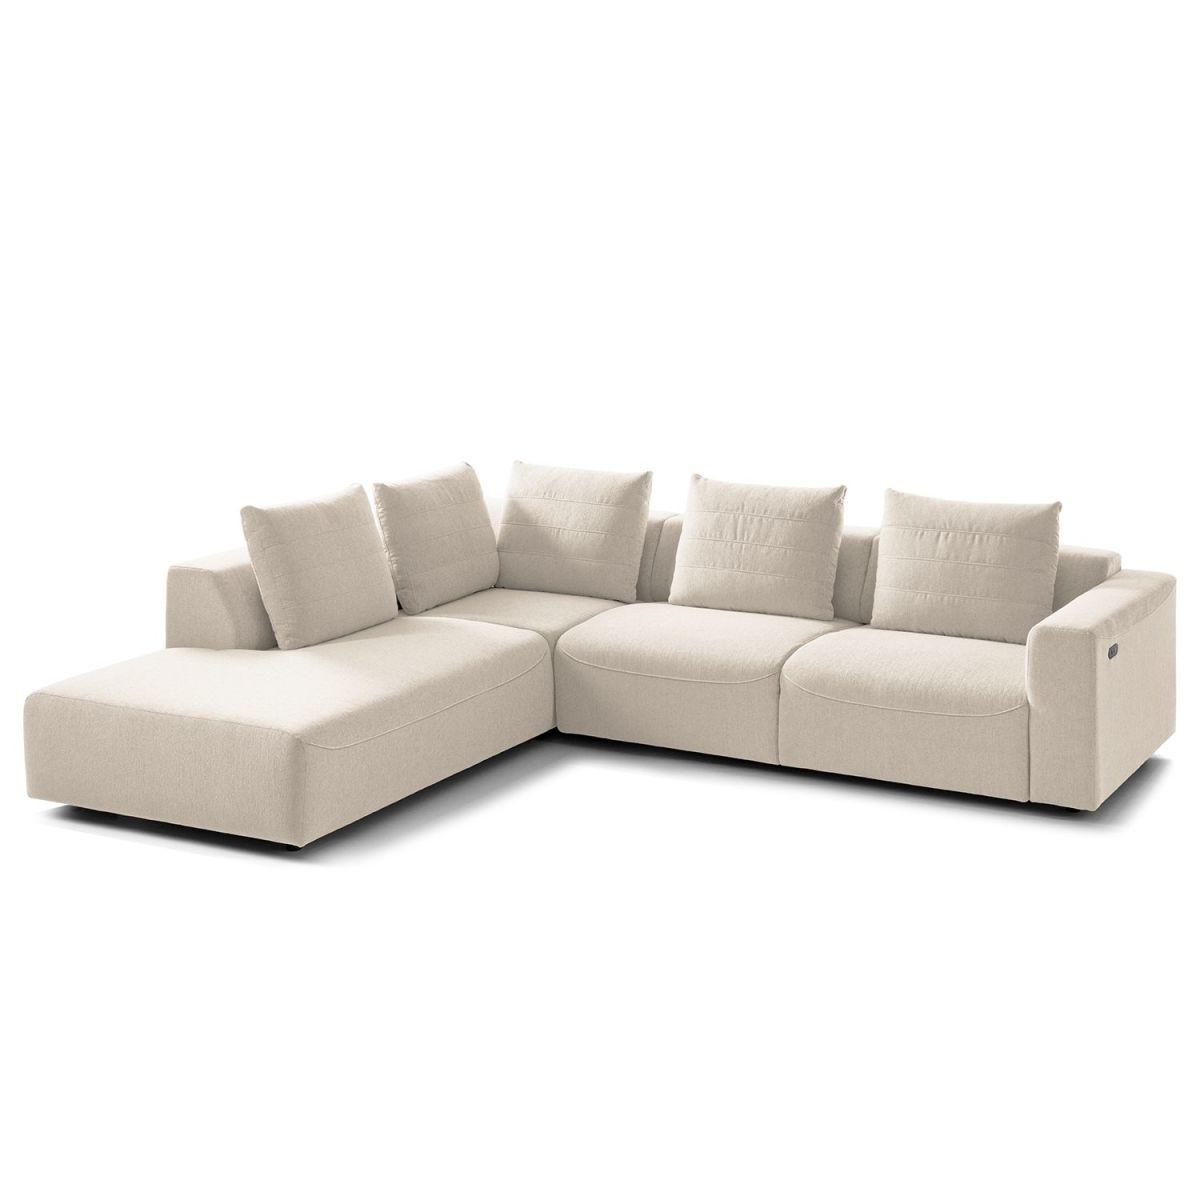 Großartig Sofa Sitztiefenverstellung Dekoration Von Ecksofa Finny Iii Webstoff - Ottomane Davorstehend